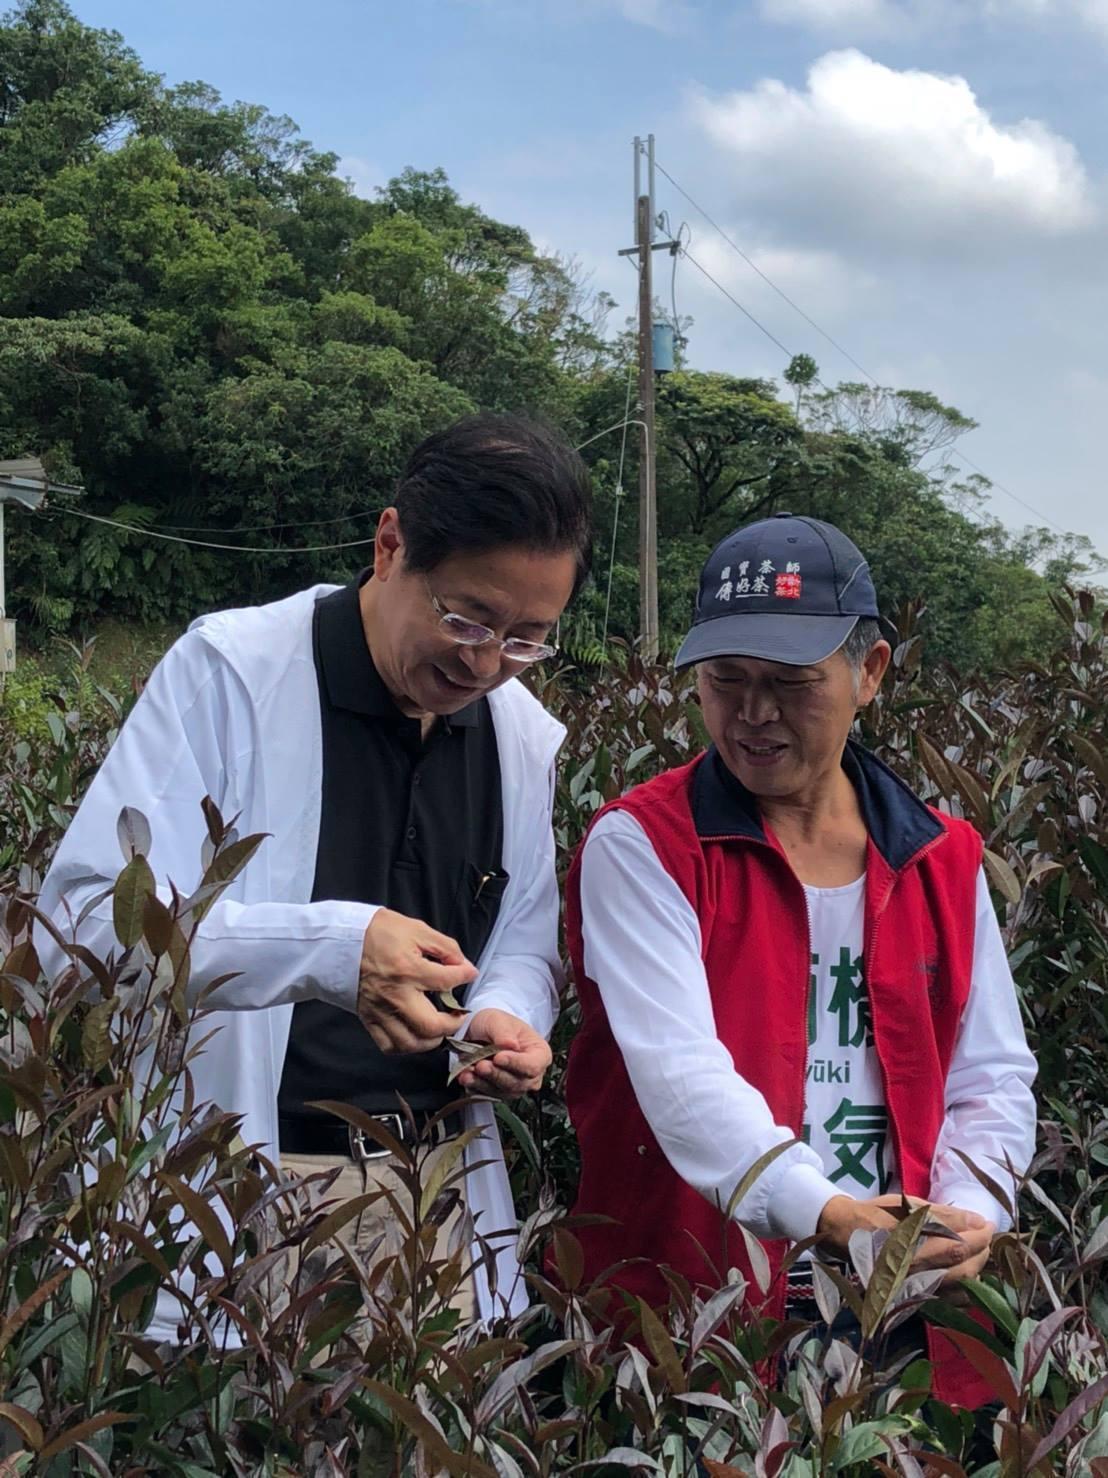 前行政院長張善政今在臉書發文分享自己去新北市坪林品茶的見聞。圖/取自張善政臉書